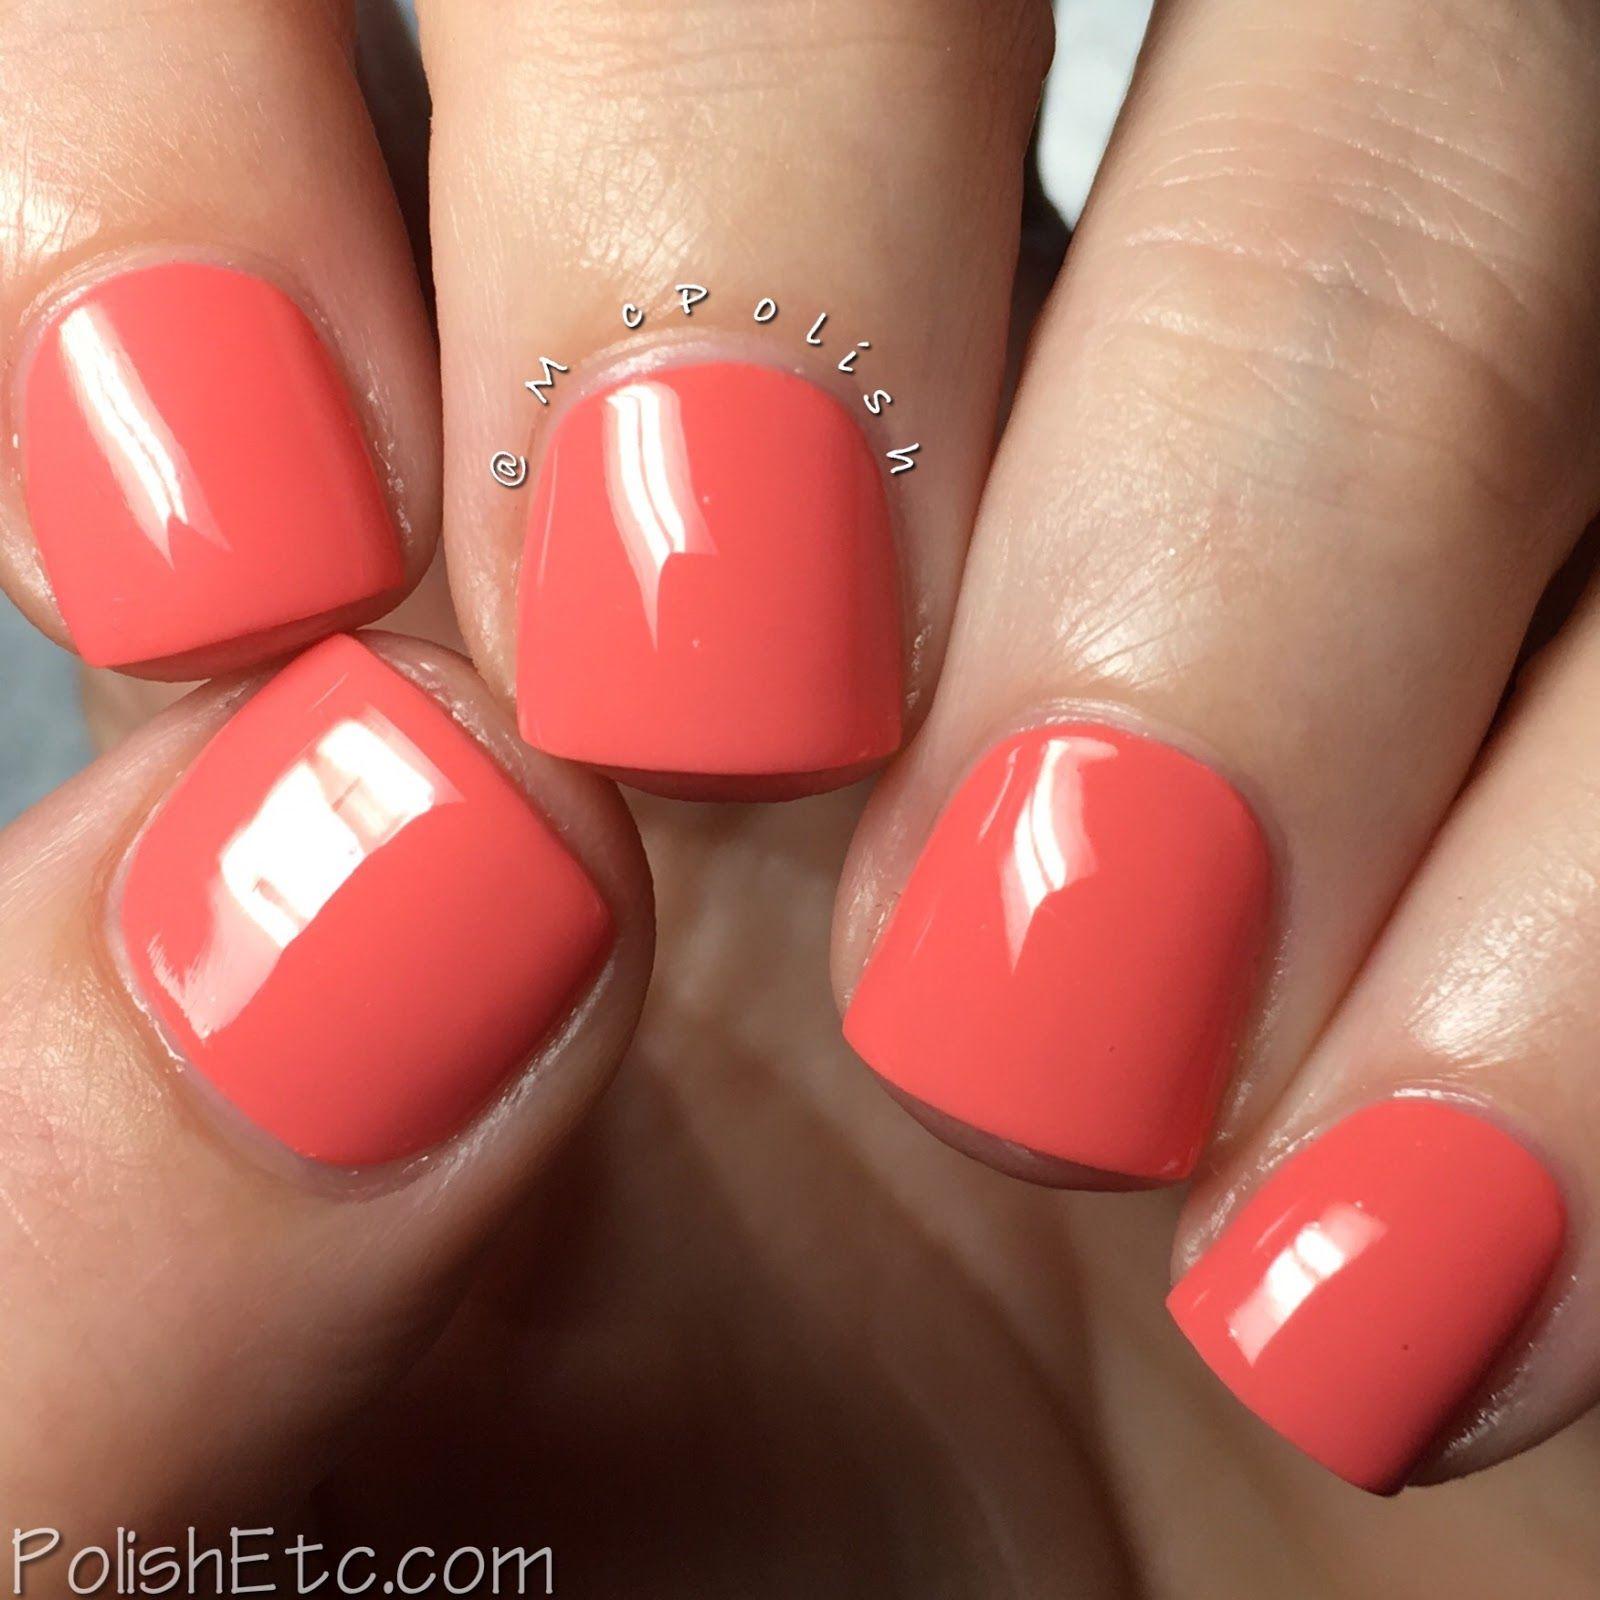 Kiara Sky Nail Lacquer - McPolish - Romantic Coral   my nails ...